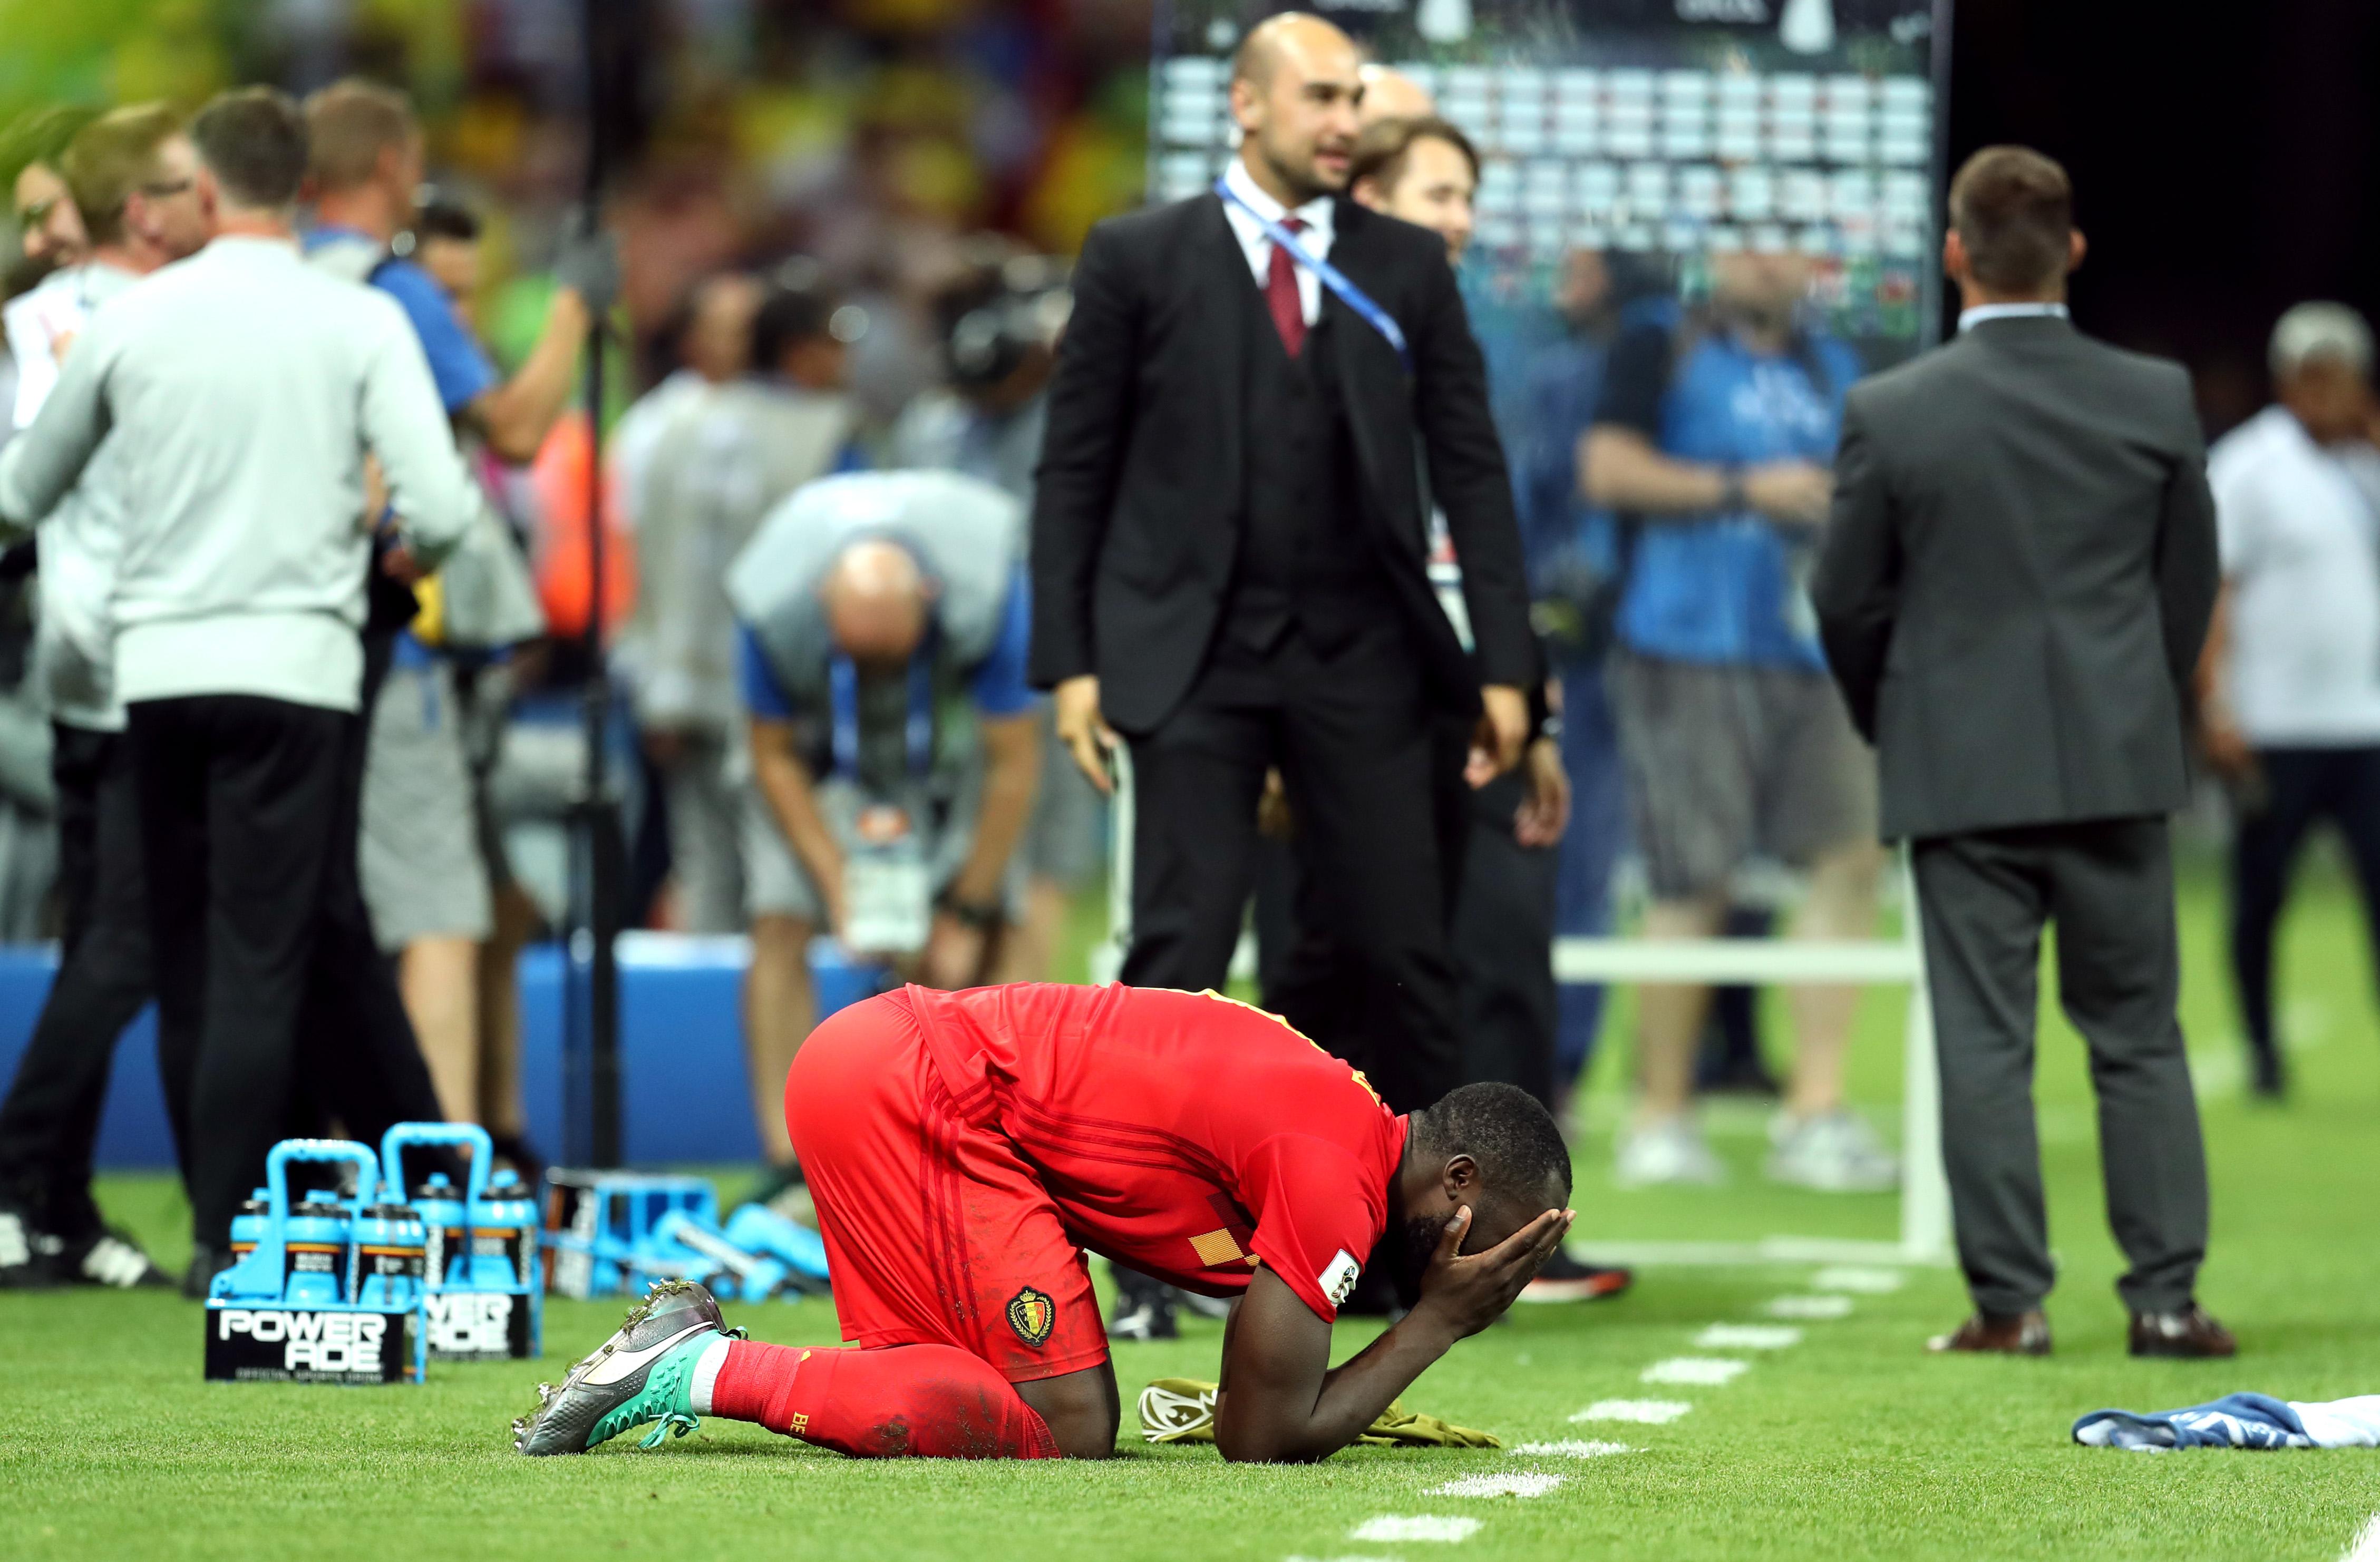 Francia vence a Bélgica y pasa a la Final del Mundial 2018